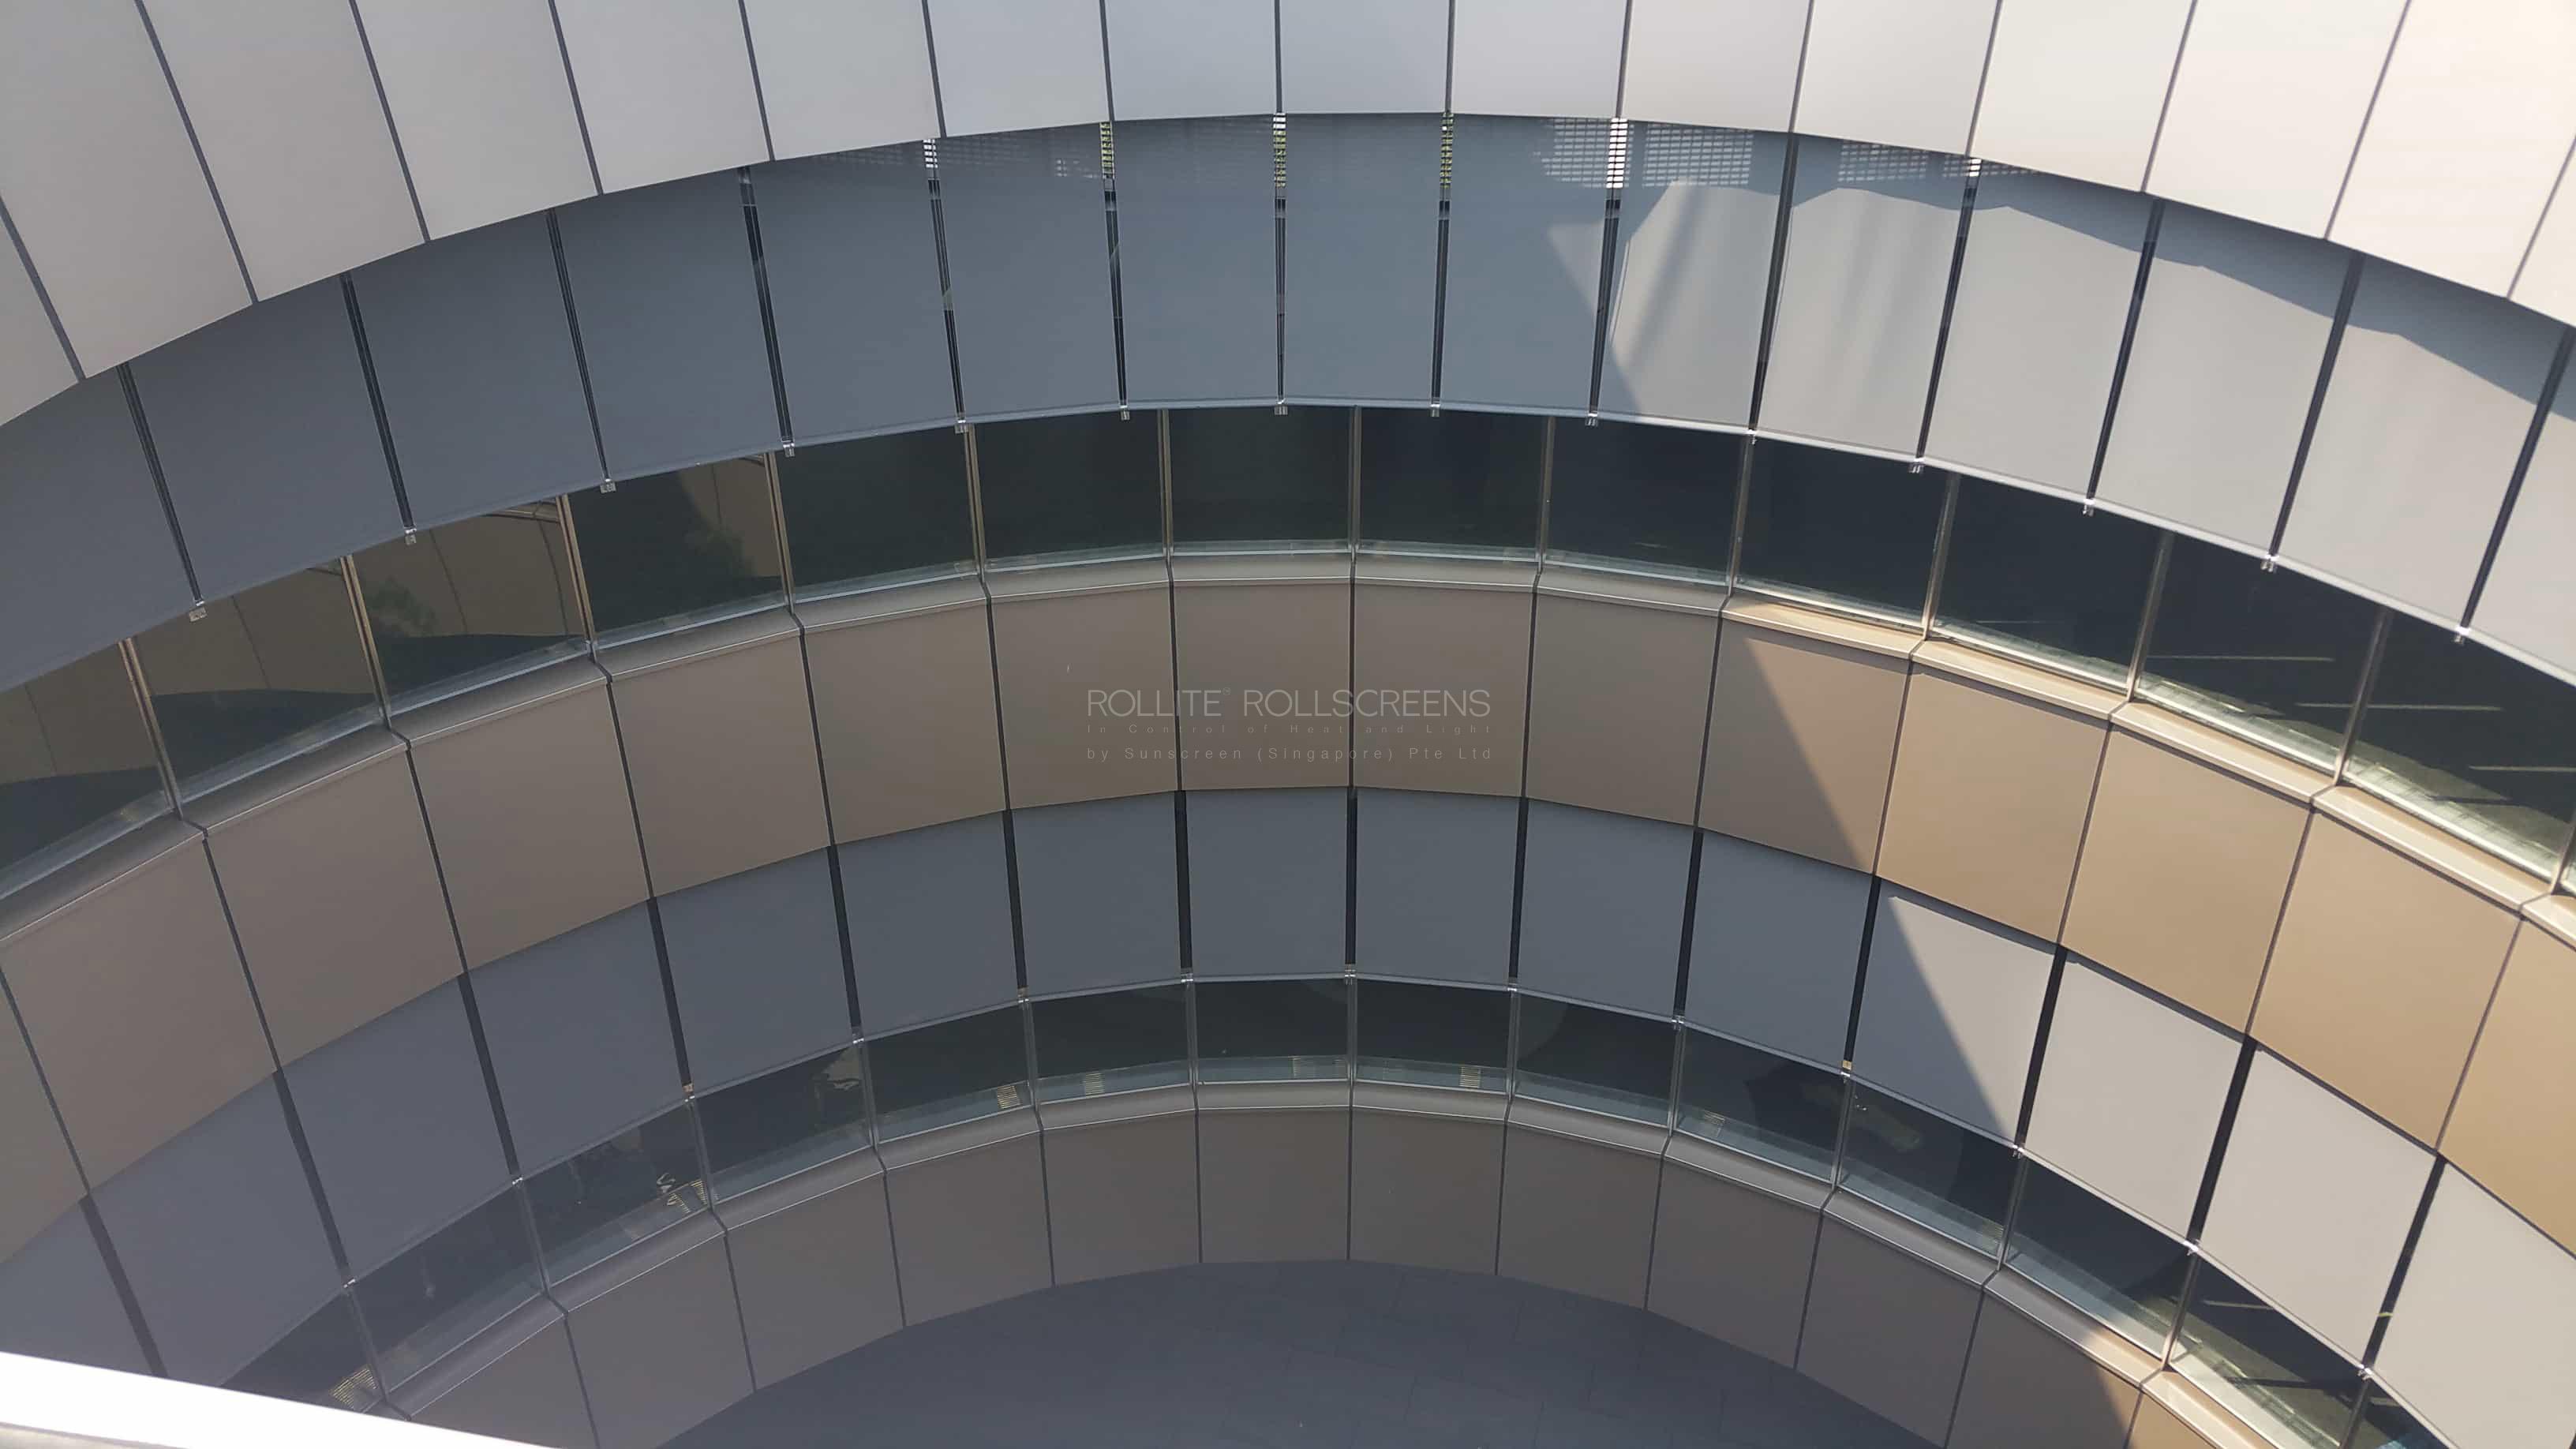 Sunscreen Singapore_Rollite External 40